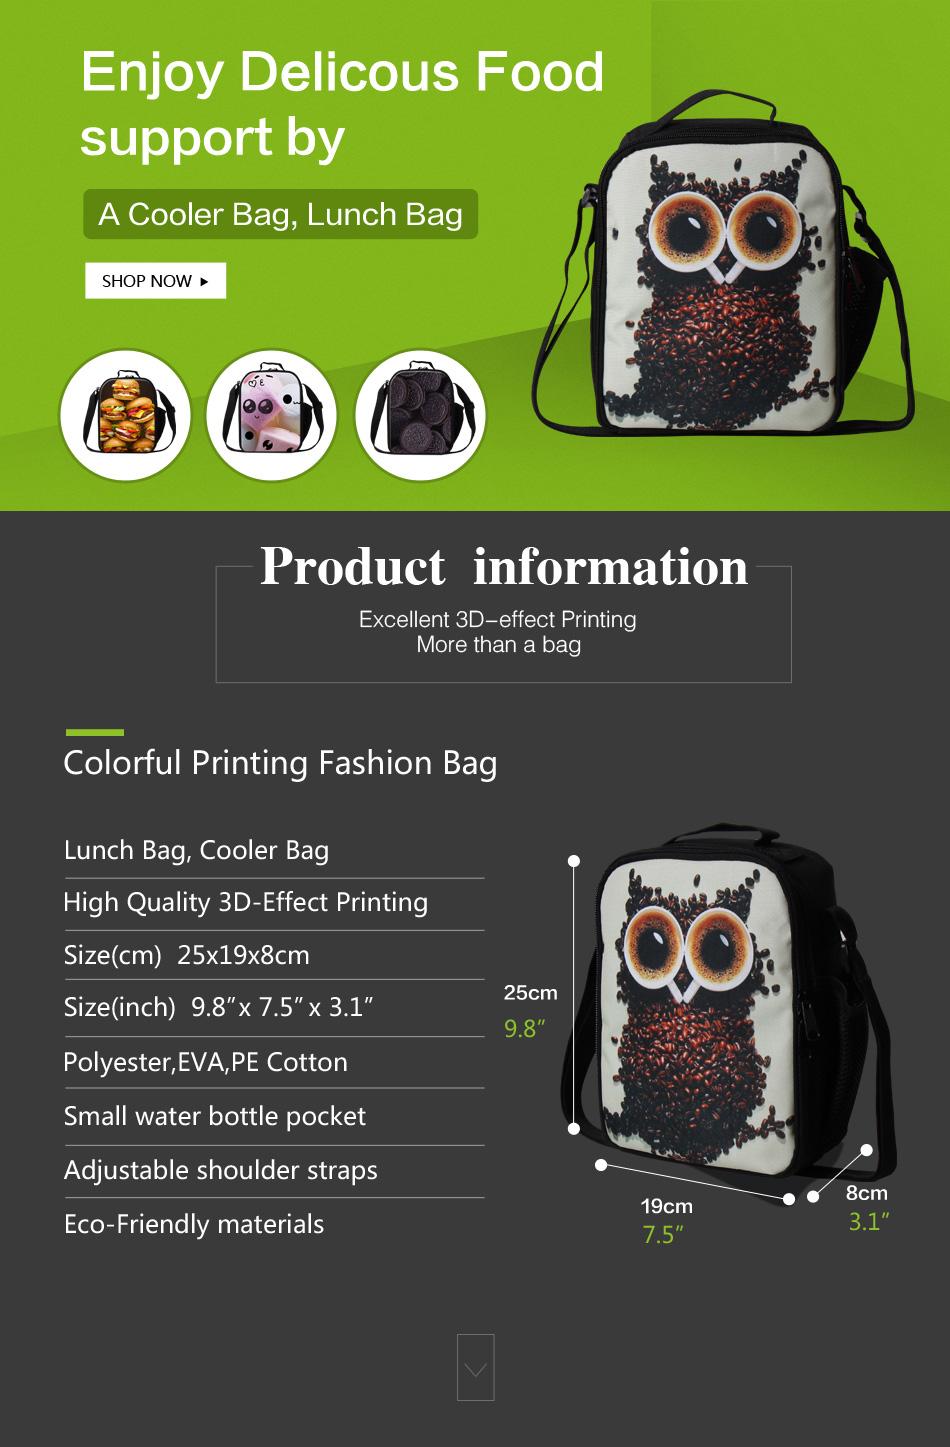 1 cooler bag